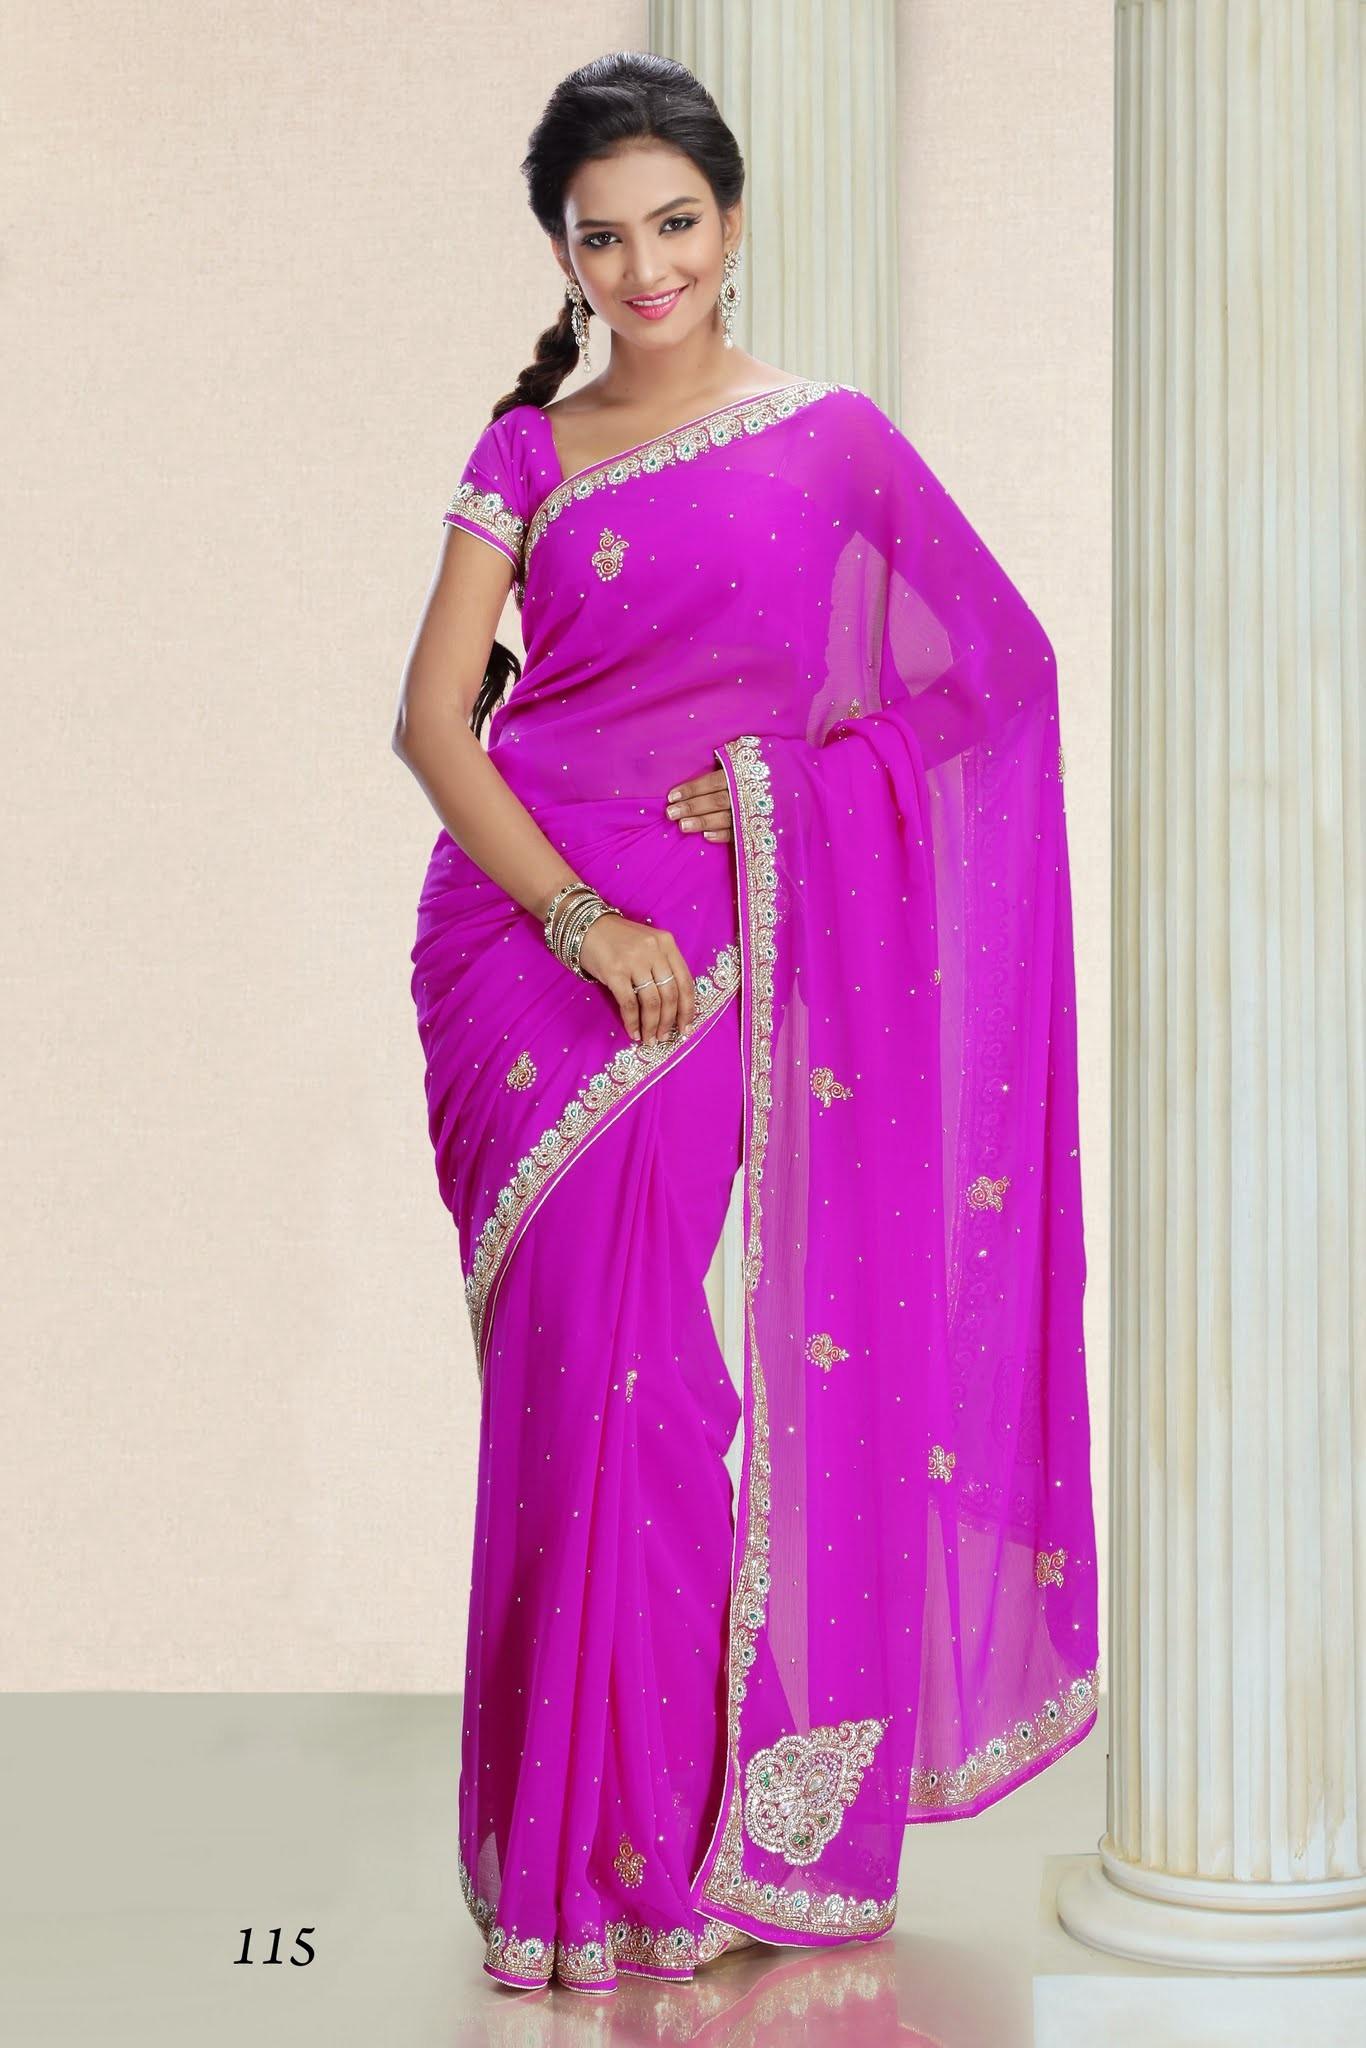 Favori Sari violet perlé et brodé argent - robe indienne GZ16